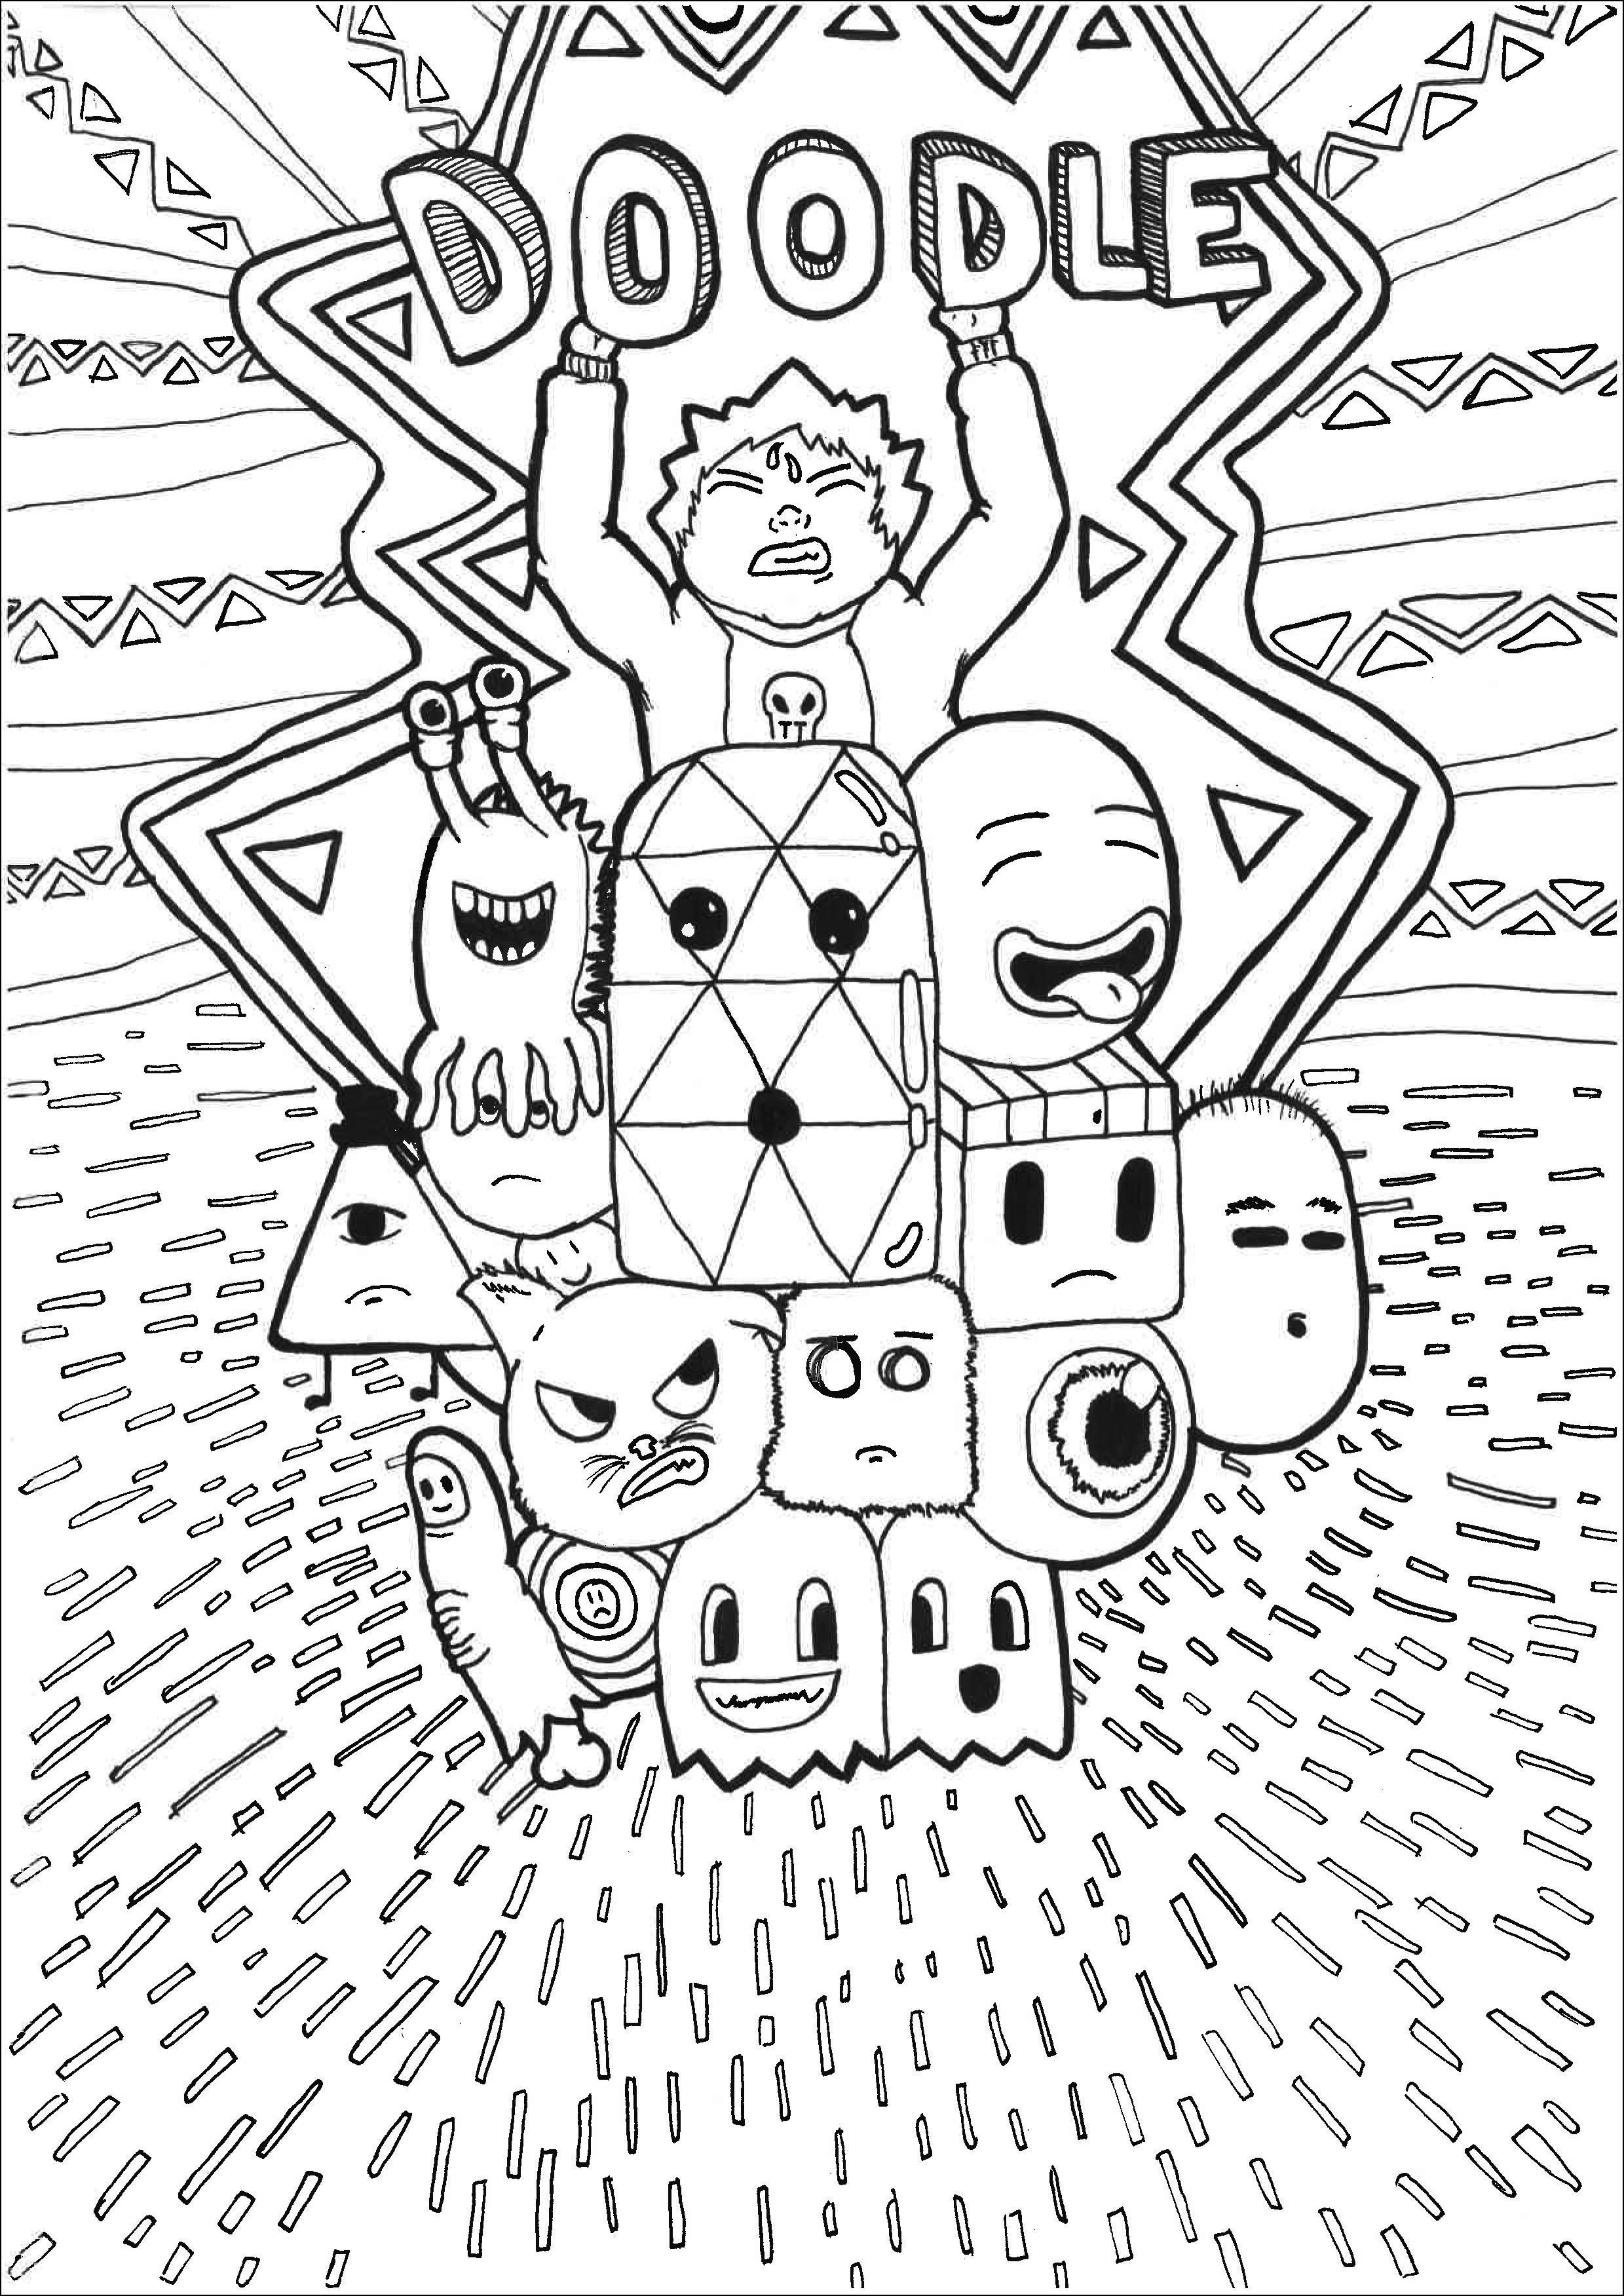 Kawaii Personnages Allan - Coloriage Kawaii - Coloriages concernant Coloriage Kawaii